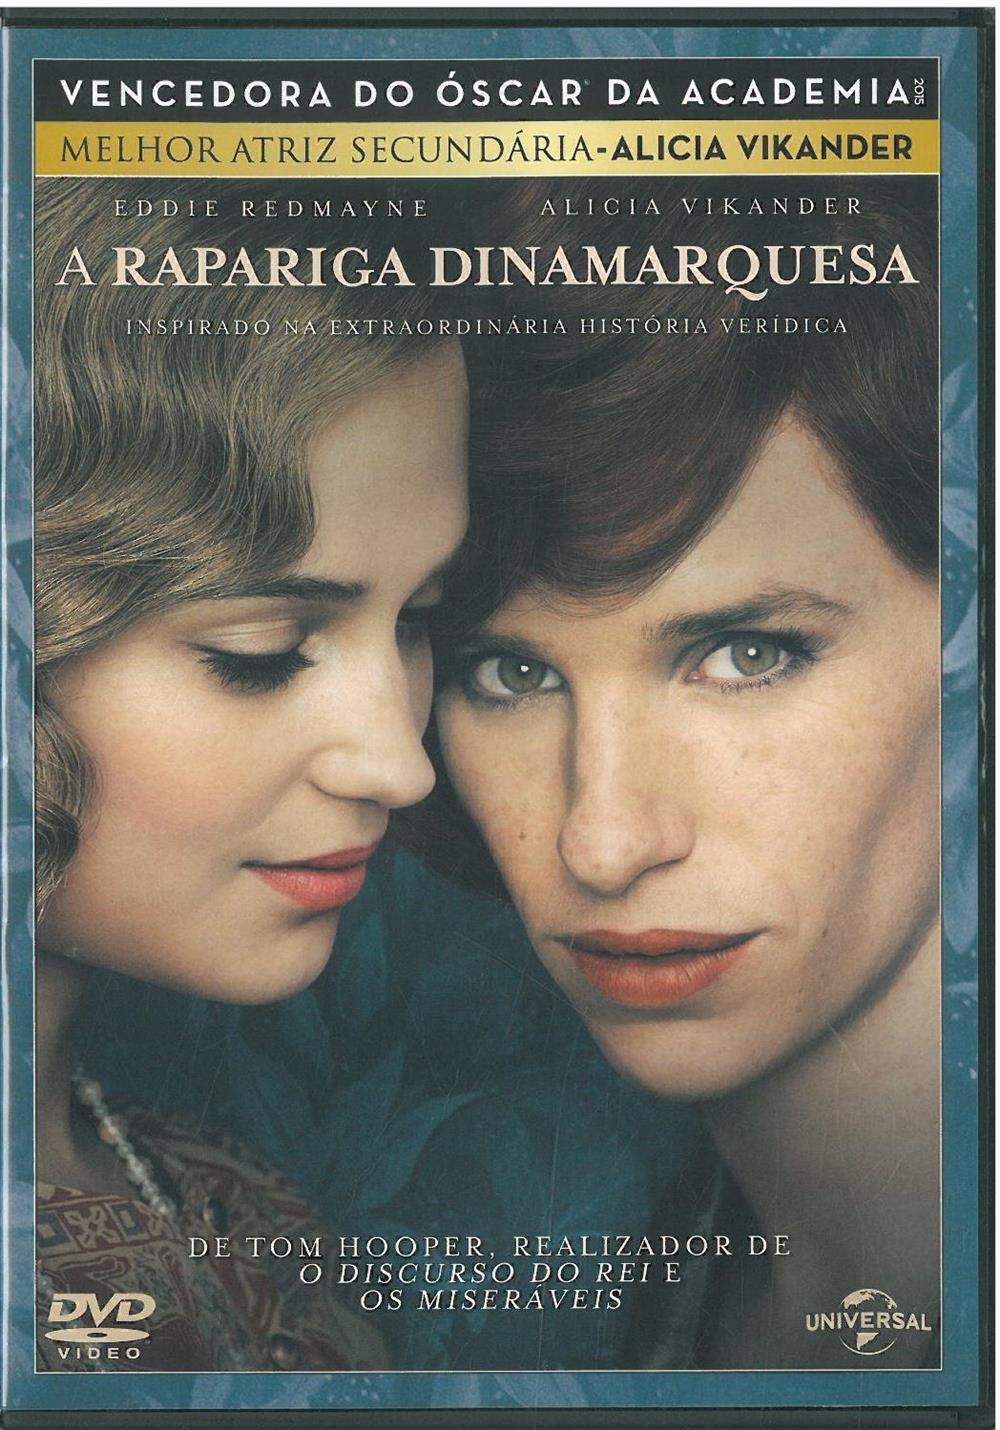 A rapariga dinamarquesa_DVD.jpg